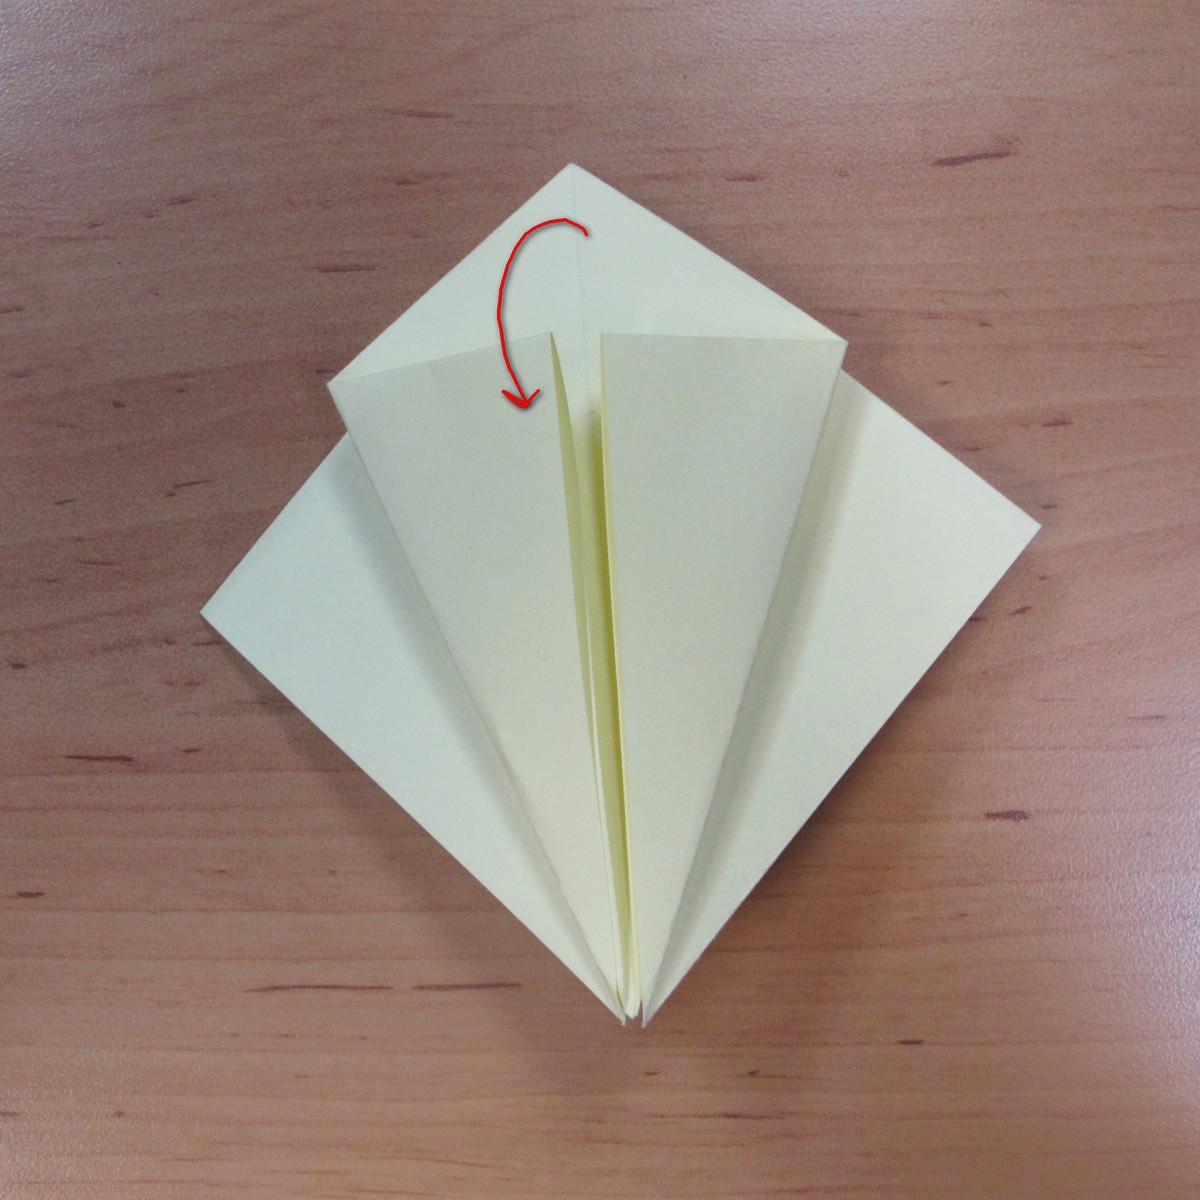 วิธีพับกระดาษเป็นดอกกุหลายแบบเกลียว 007